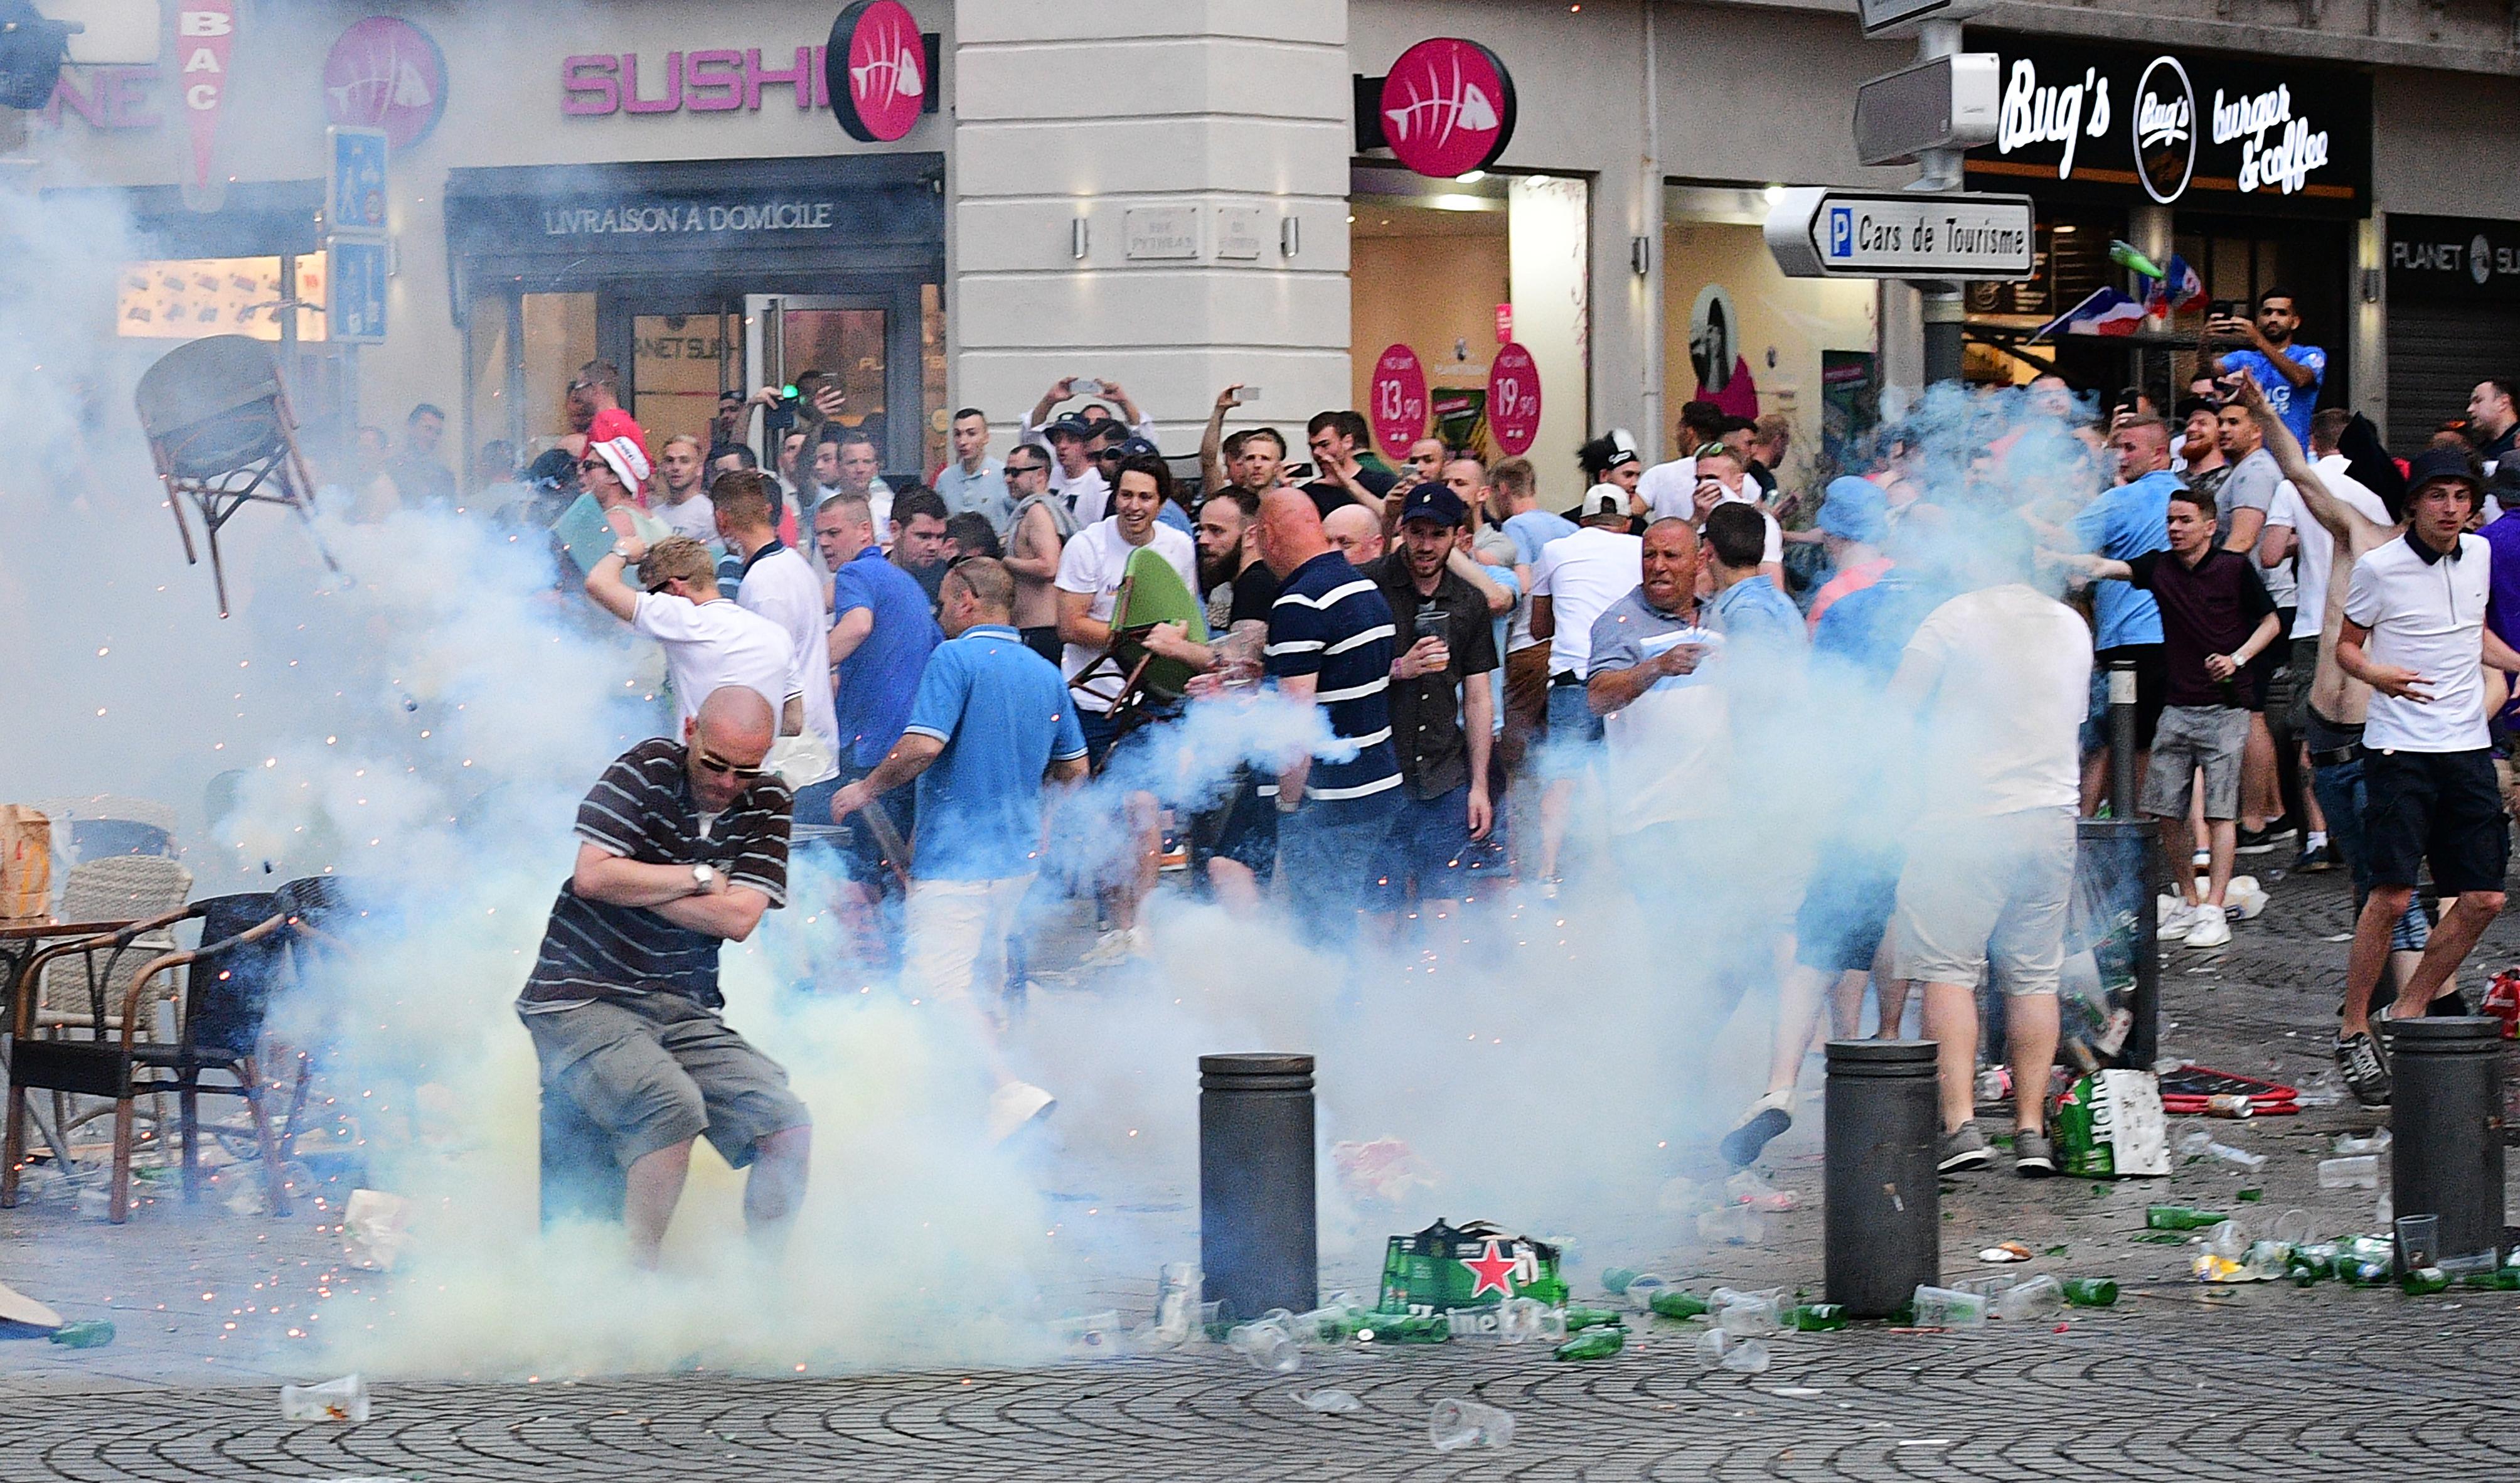 A FIFA szerint a huligánok idióta bajkeverők